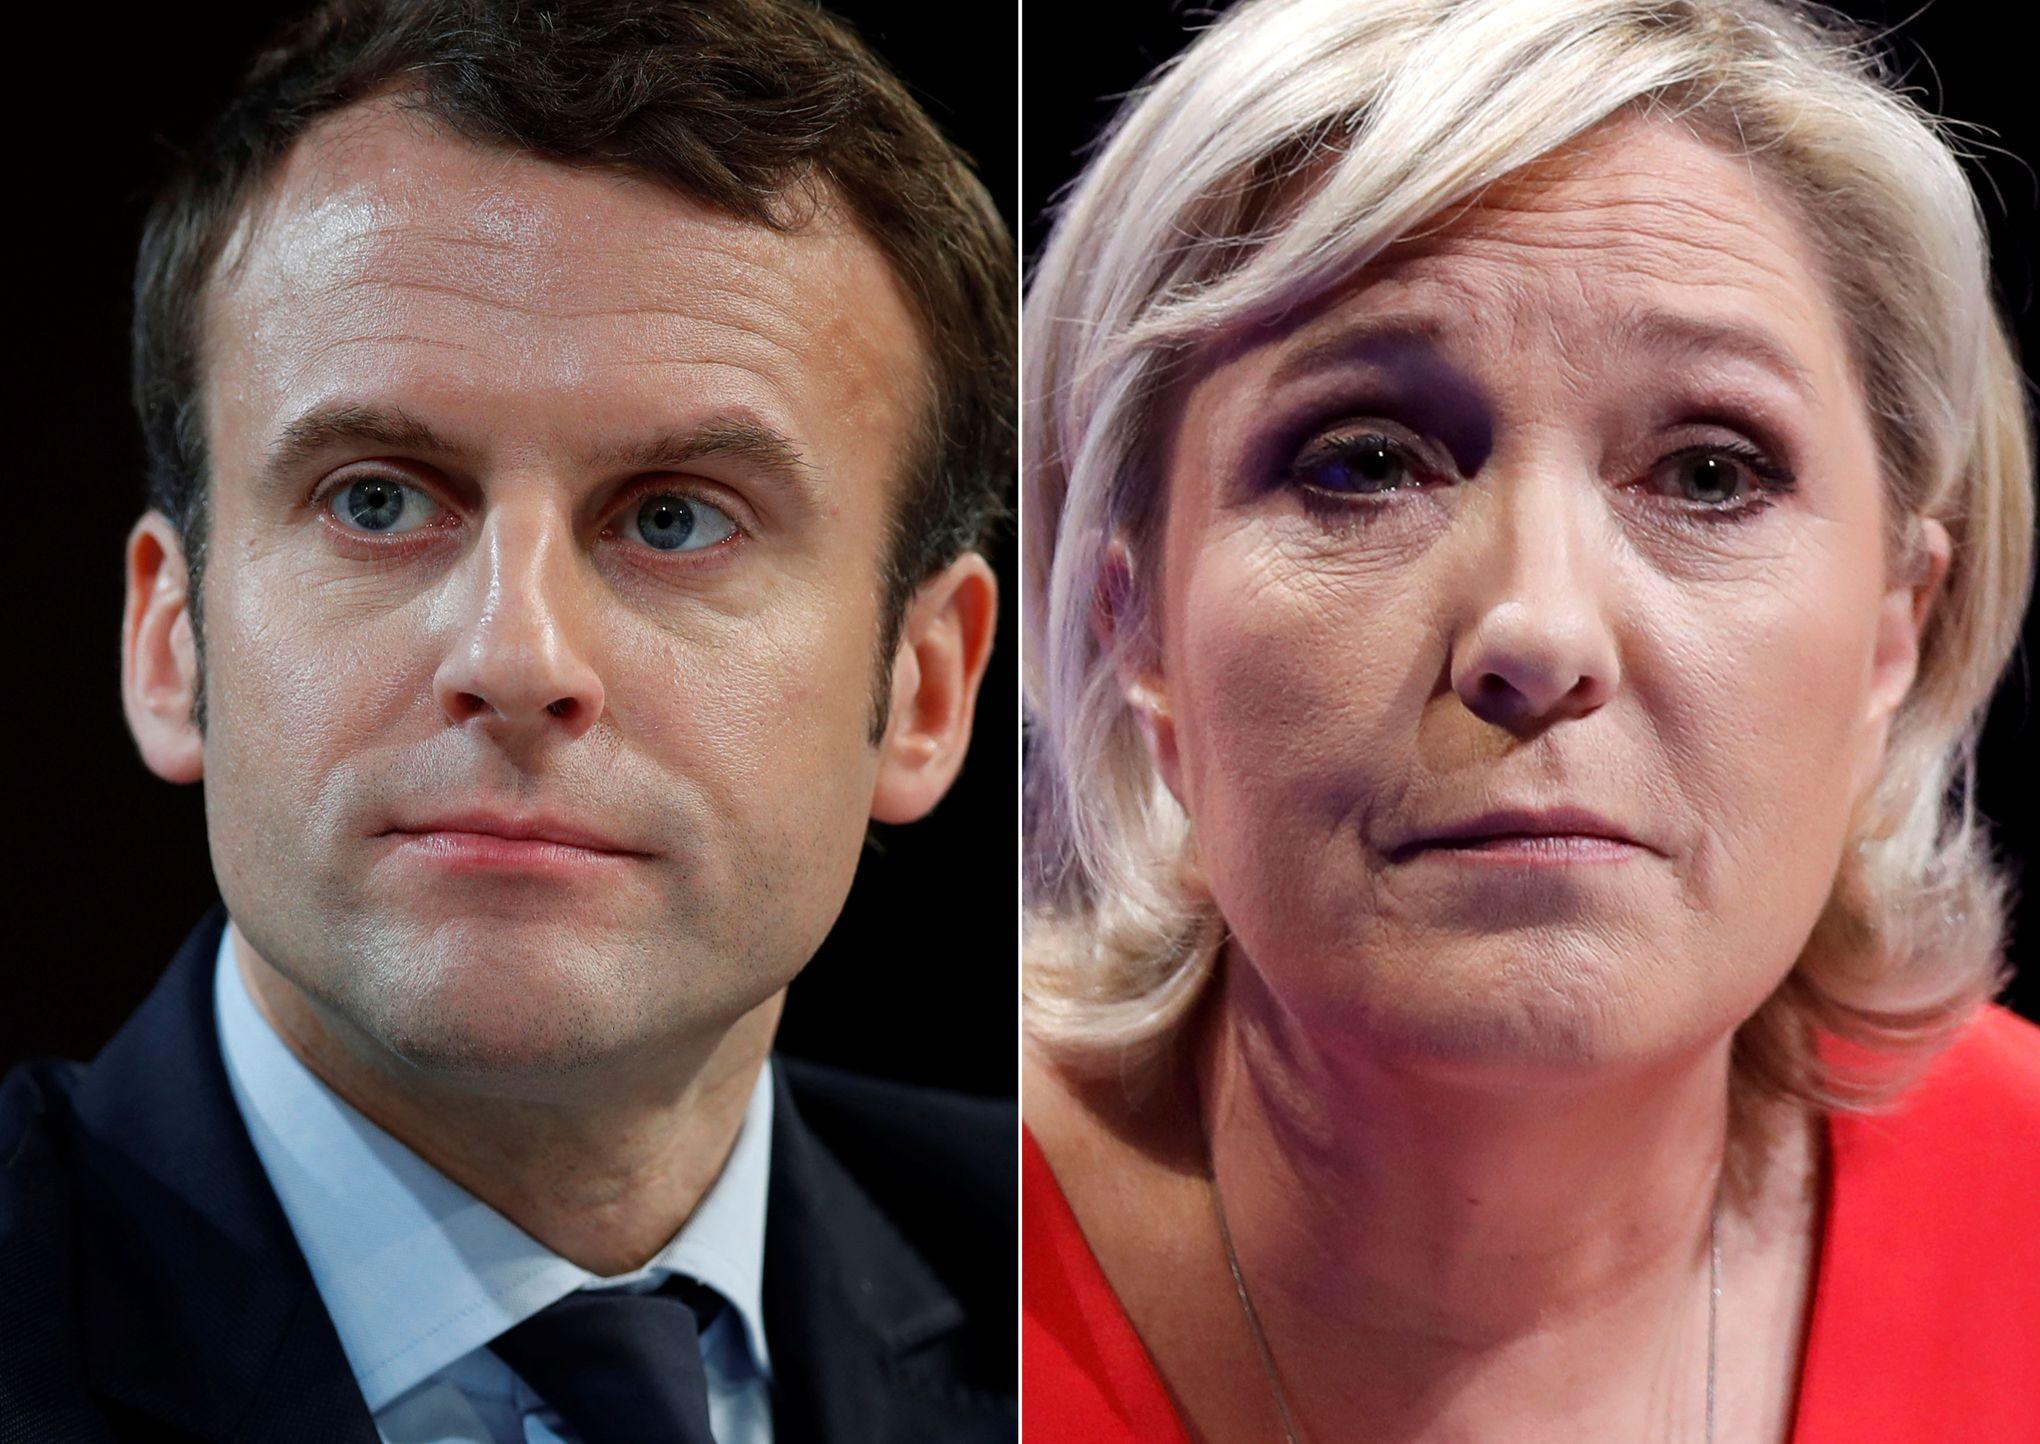 Européennes 2019: le duel Macron-Le Pen s'installe, la droite s'effondre